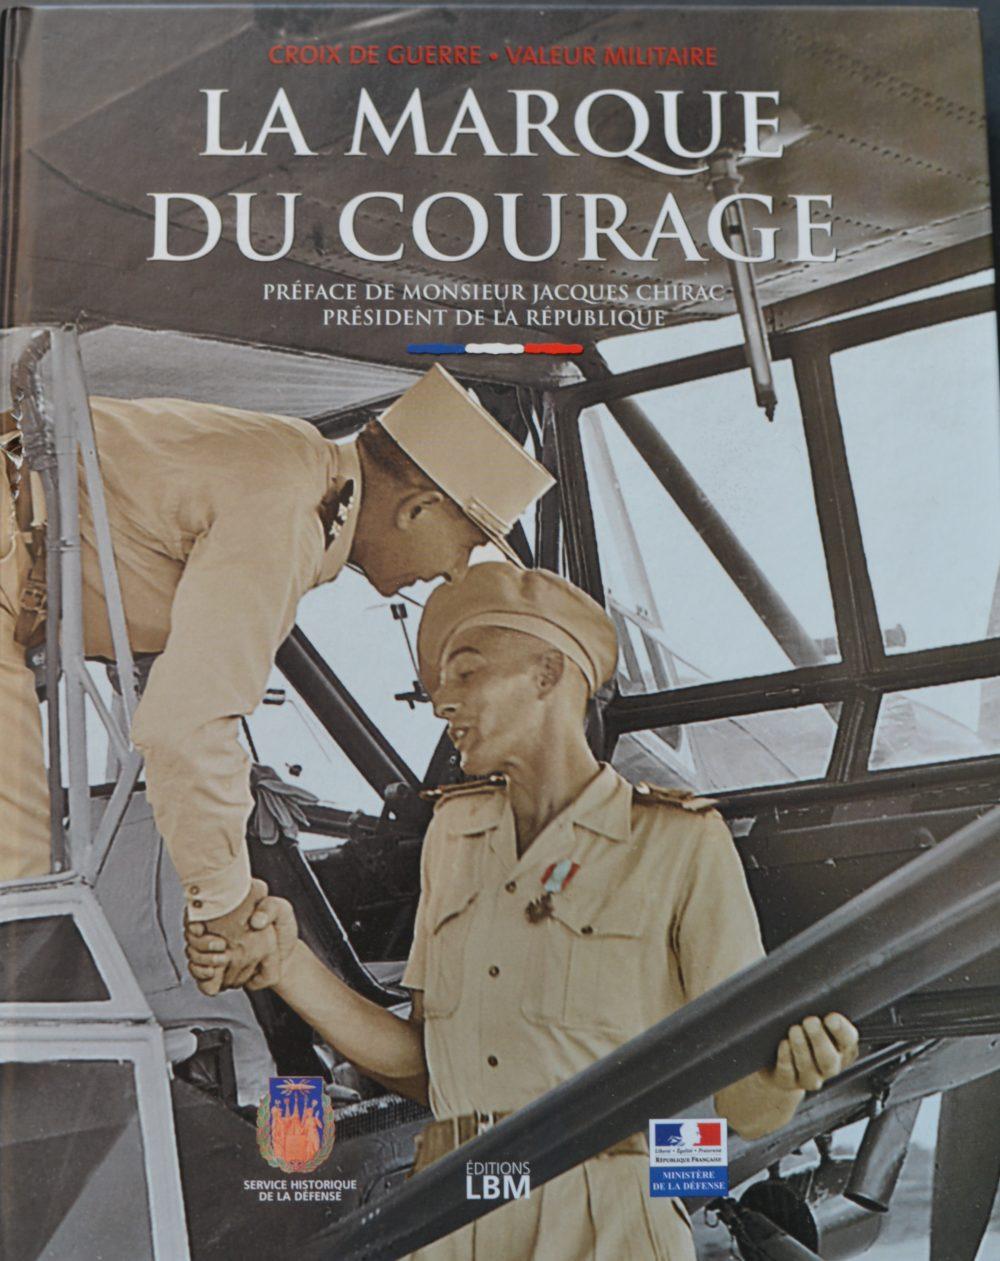 La marque du courage